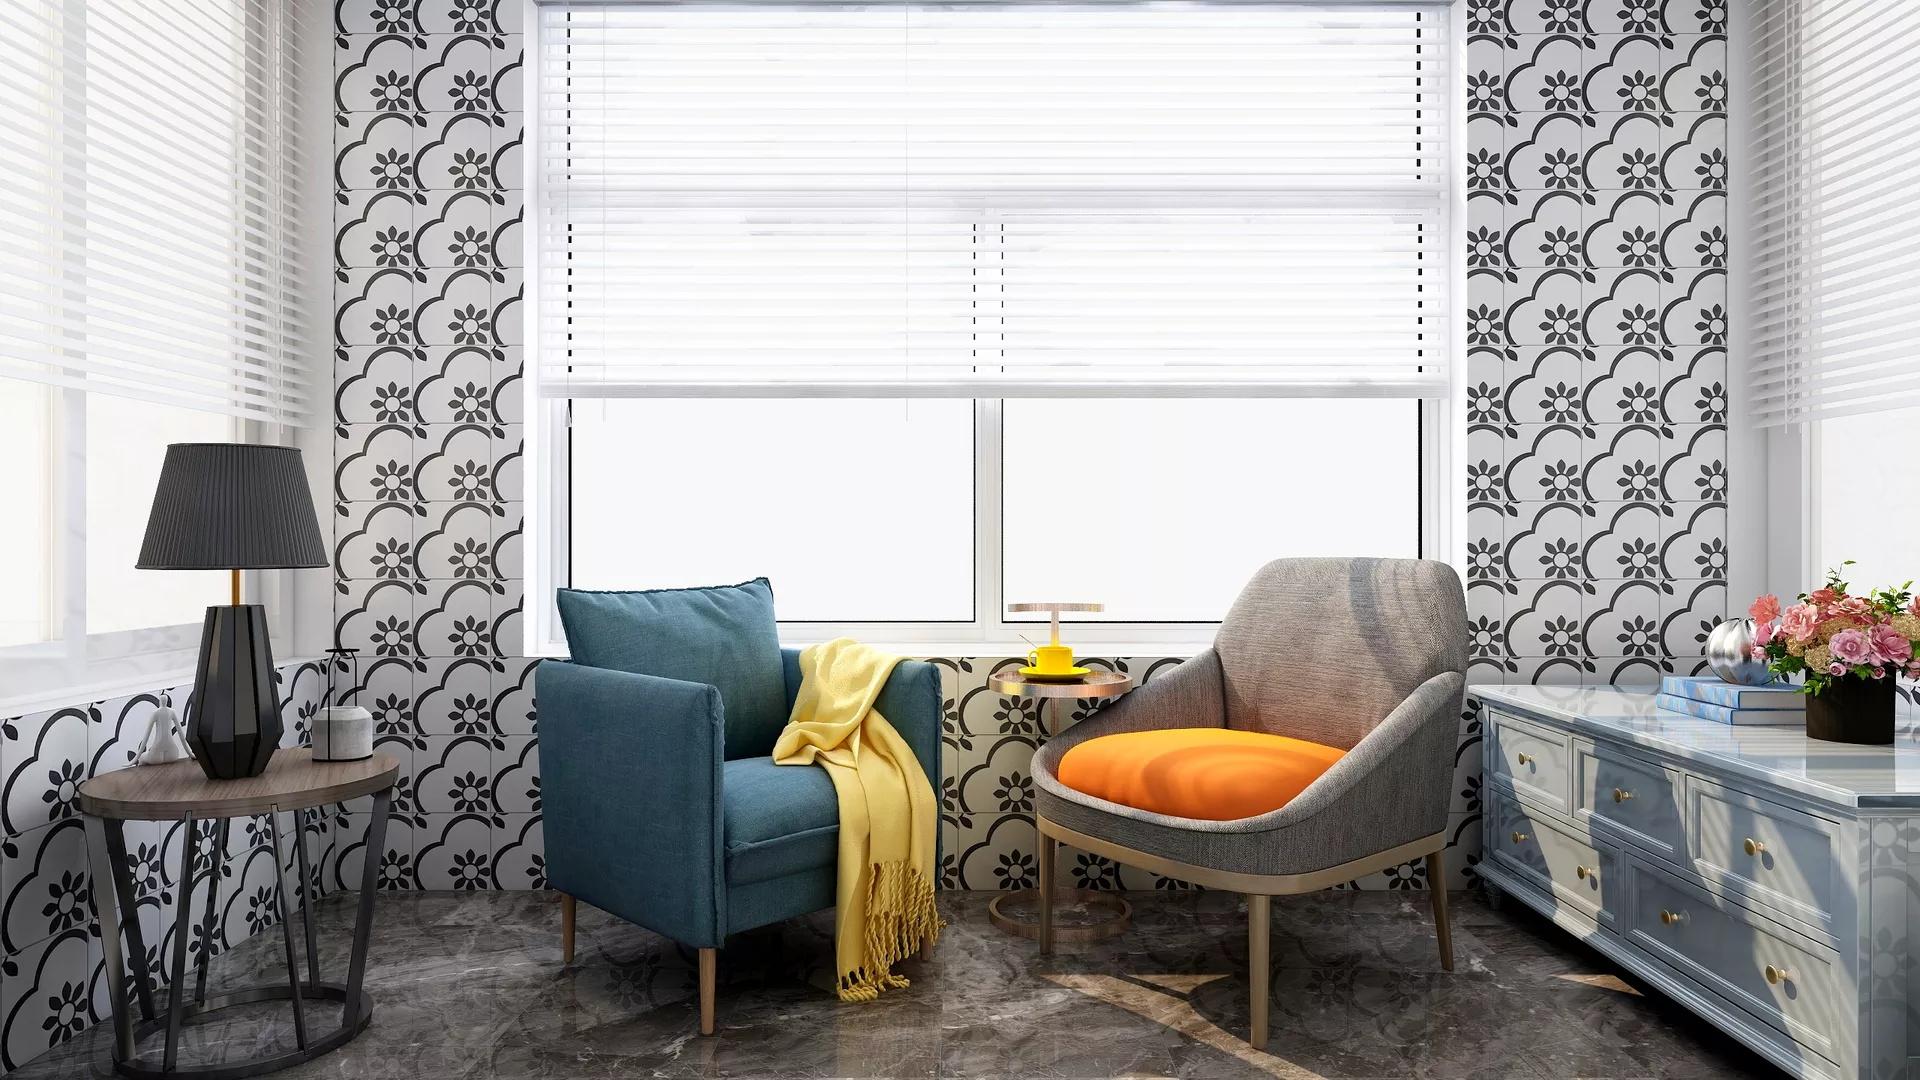 客厅沙发背景墙挂画风水 沙发背景墙挂什么画好